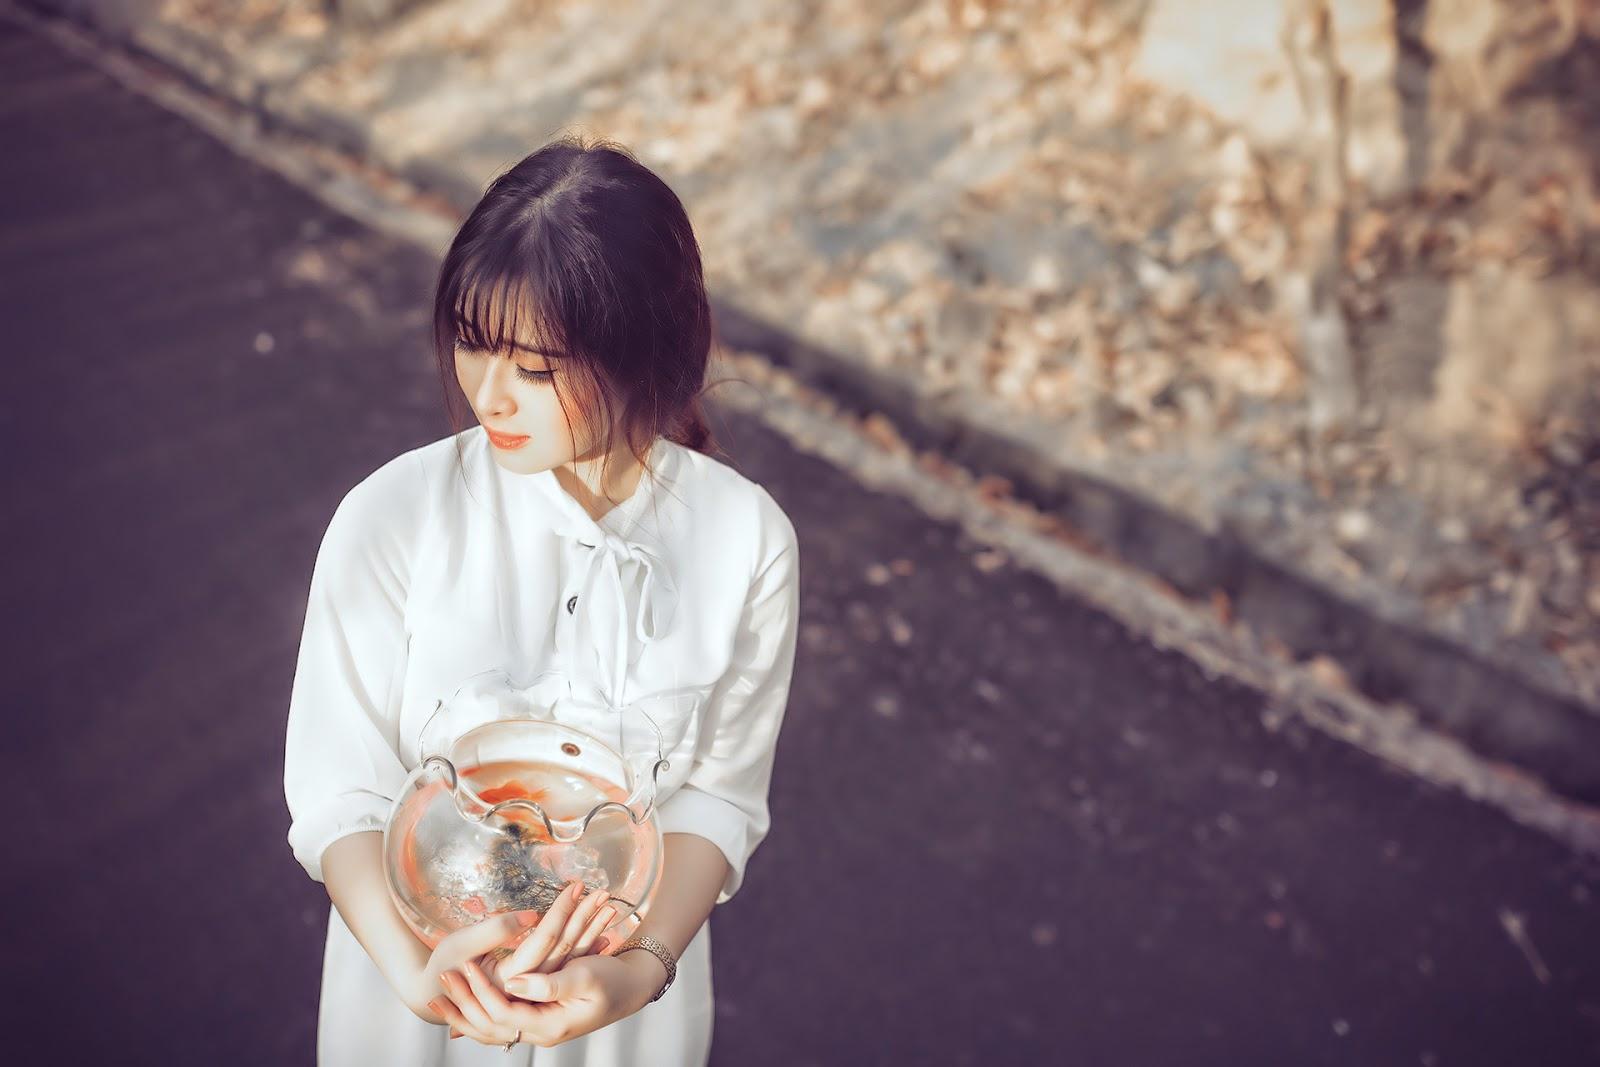 Người phụ nữ 40 tuổi tiết lộ bí quyết giúp hôn nhân hạnh phúc: Đừng dùng nhan sắc để giữ chồng - Ảnh 3